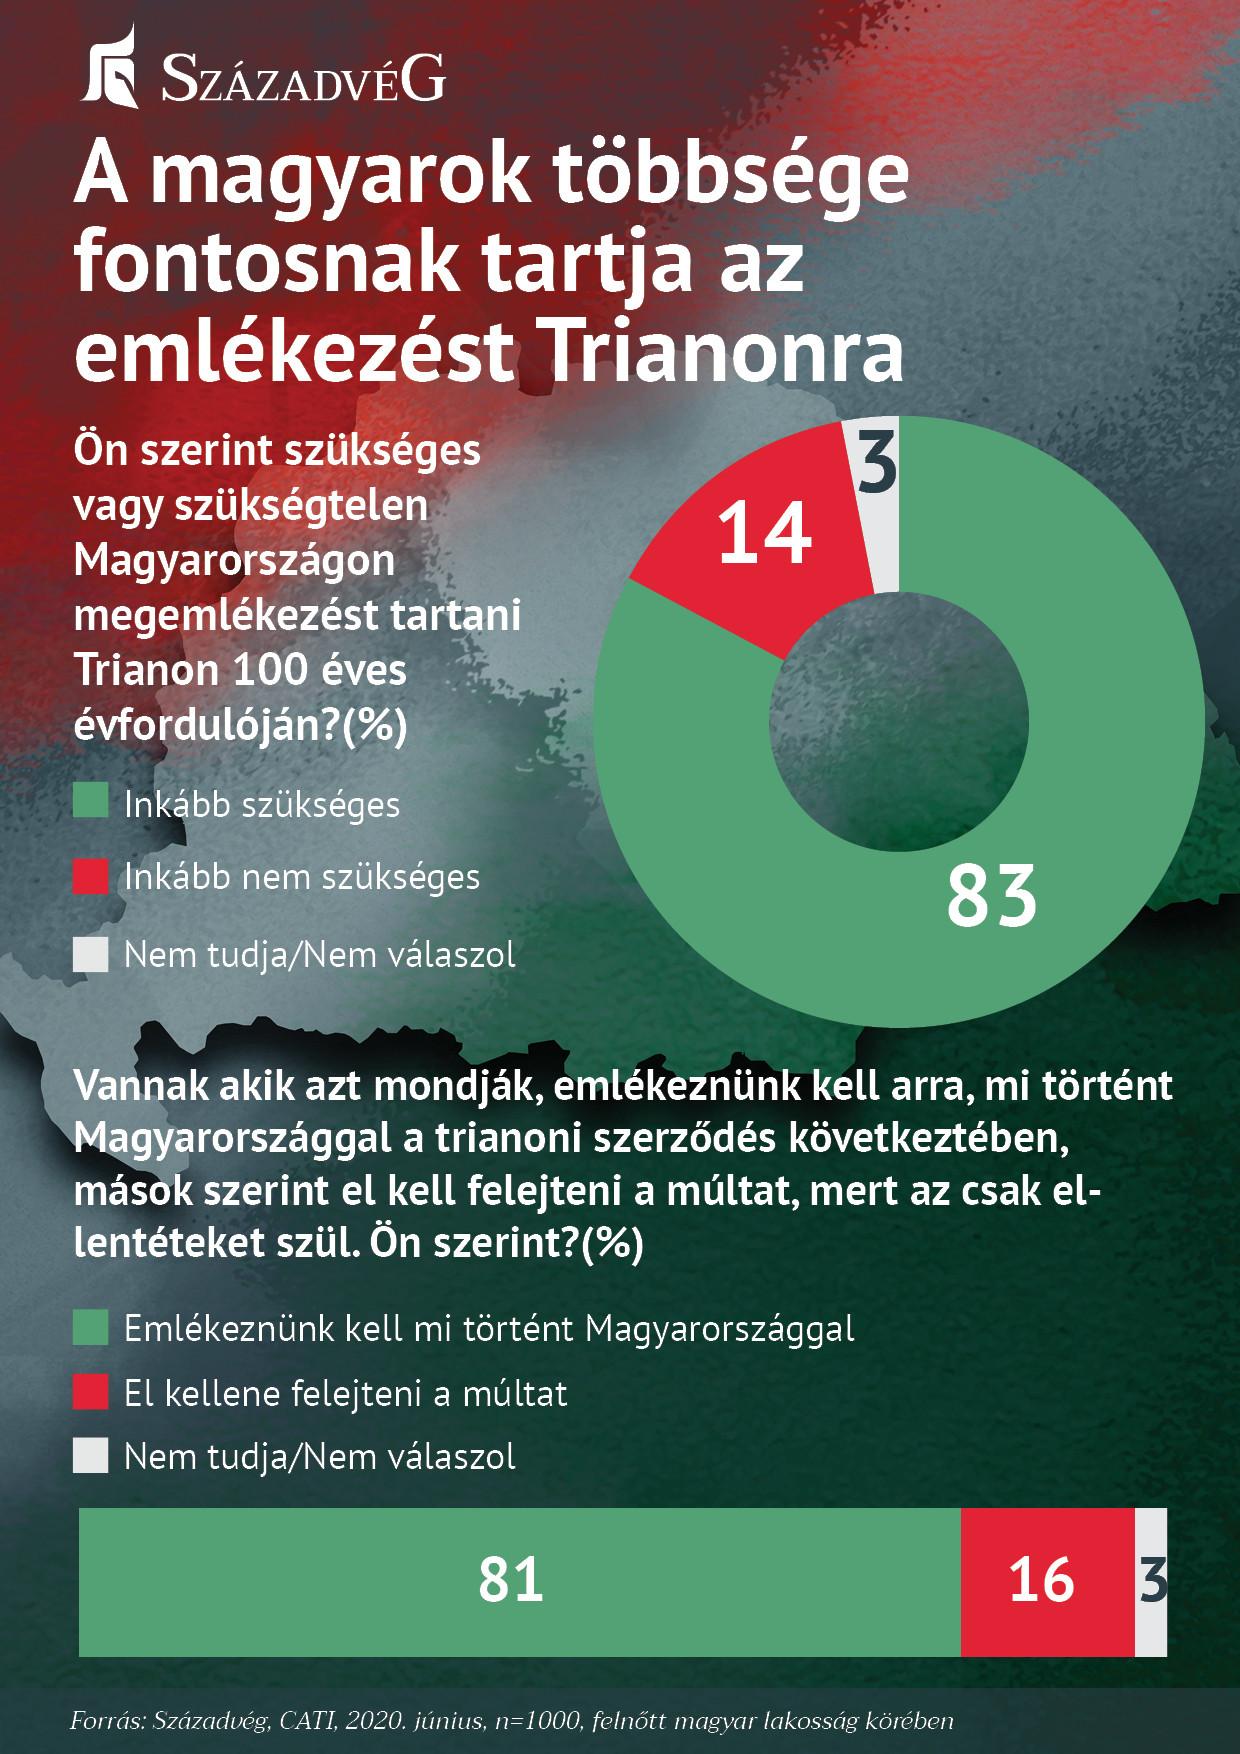 A magyarok többsége fontosnak tartja az emlékezést Trianonra